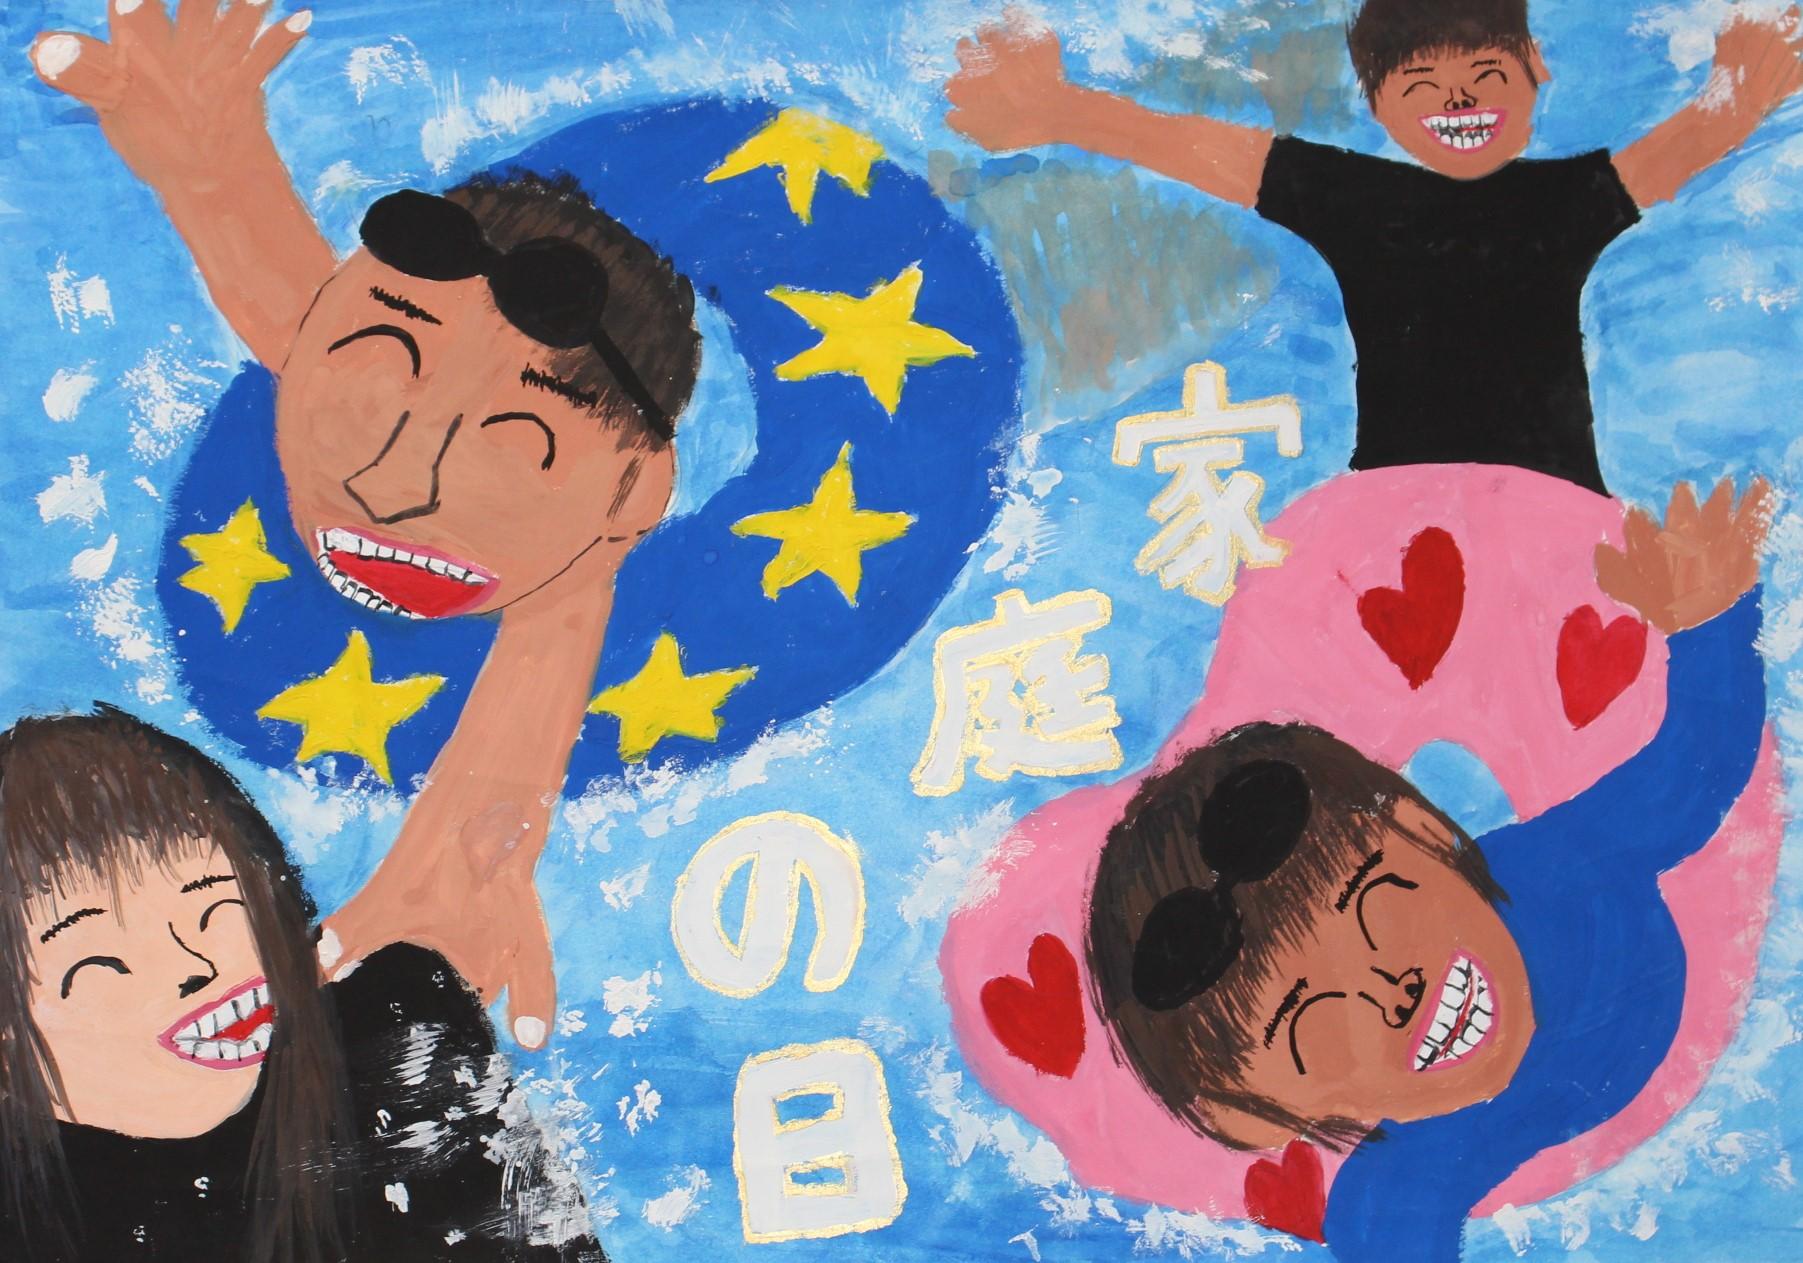 優良賞-宮崎市立潮見小学校 5年濱山 凌央(はまやま りょう)さん